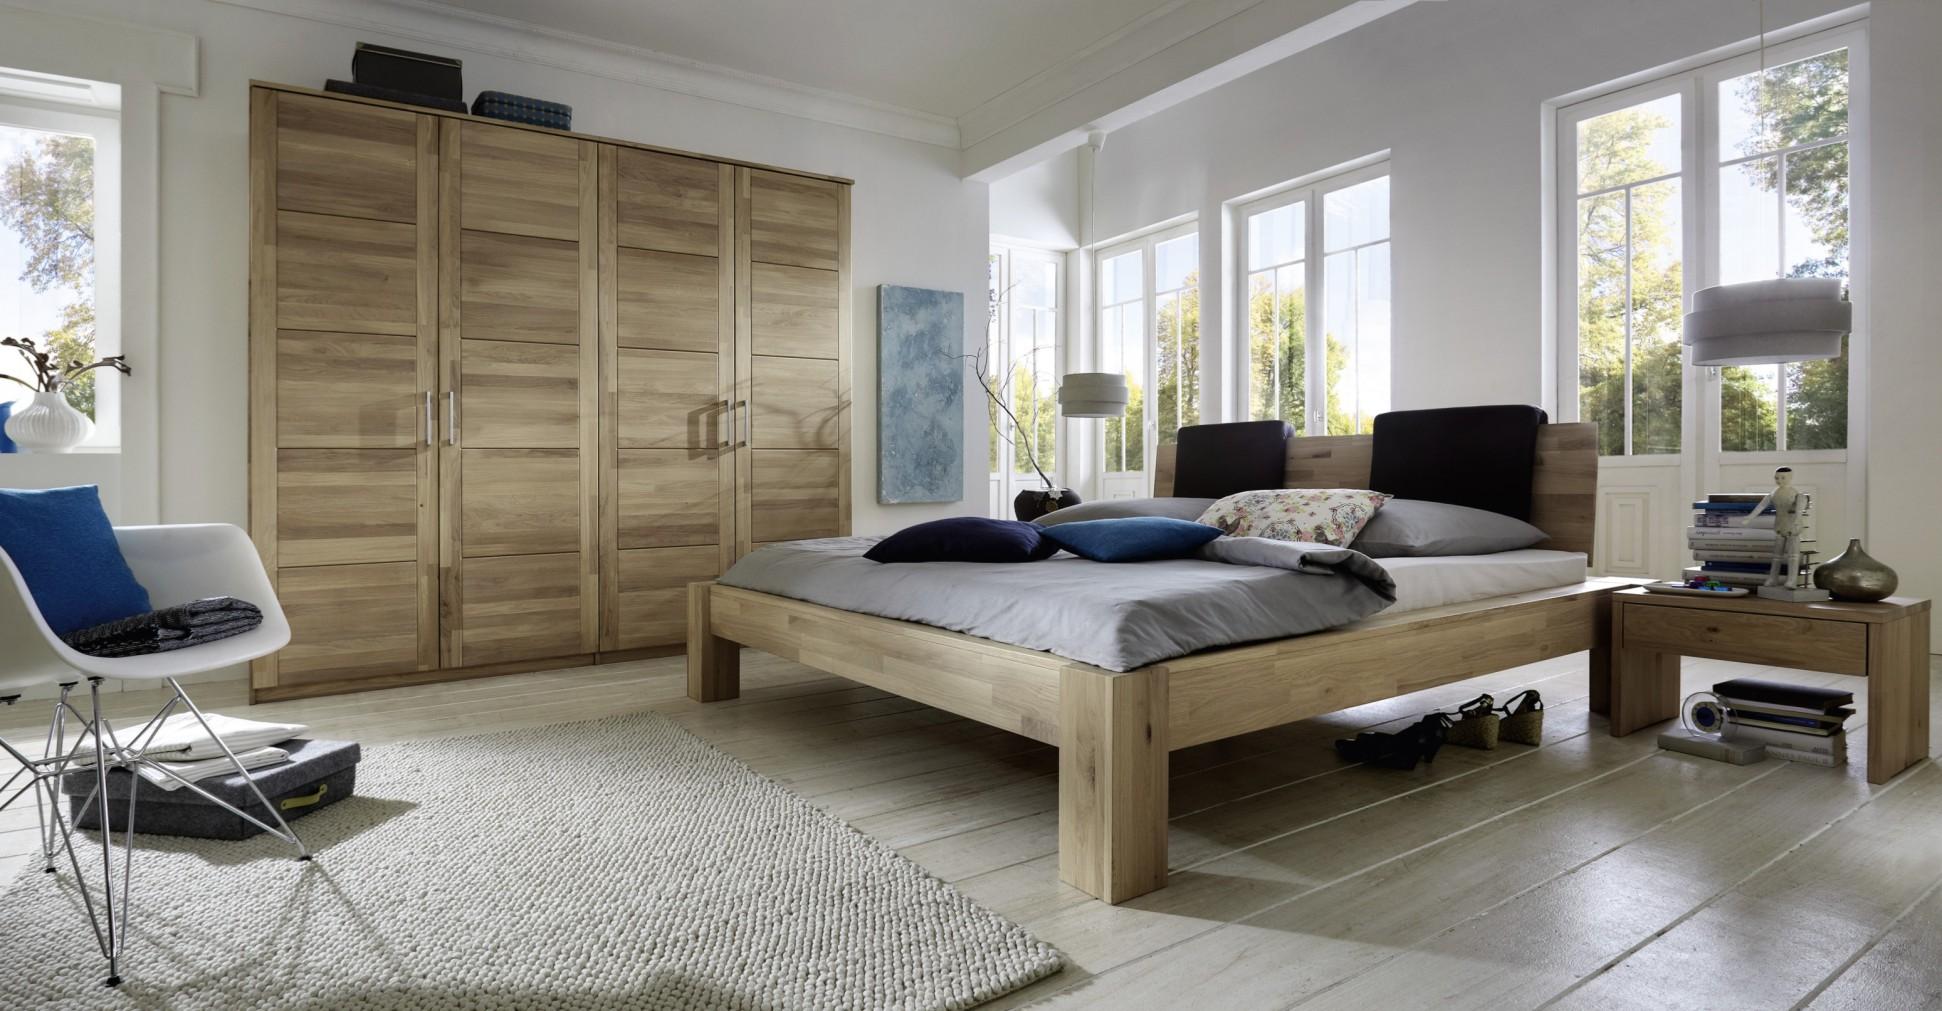 Full Size of Schlafzimmer Komplett Günstig Massivholz Gnstig Regale Sofa Kaufen Komplettes Günstige Komplette Bad Komplettset Esstisch Set Fenster Günstiges Bett Schlafzimmer Schlafzimmer Komplett Günstig